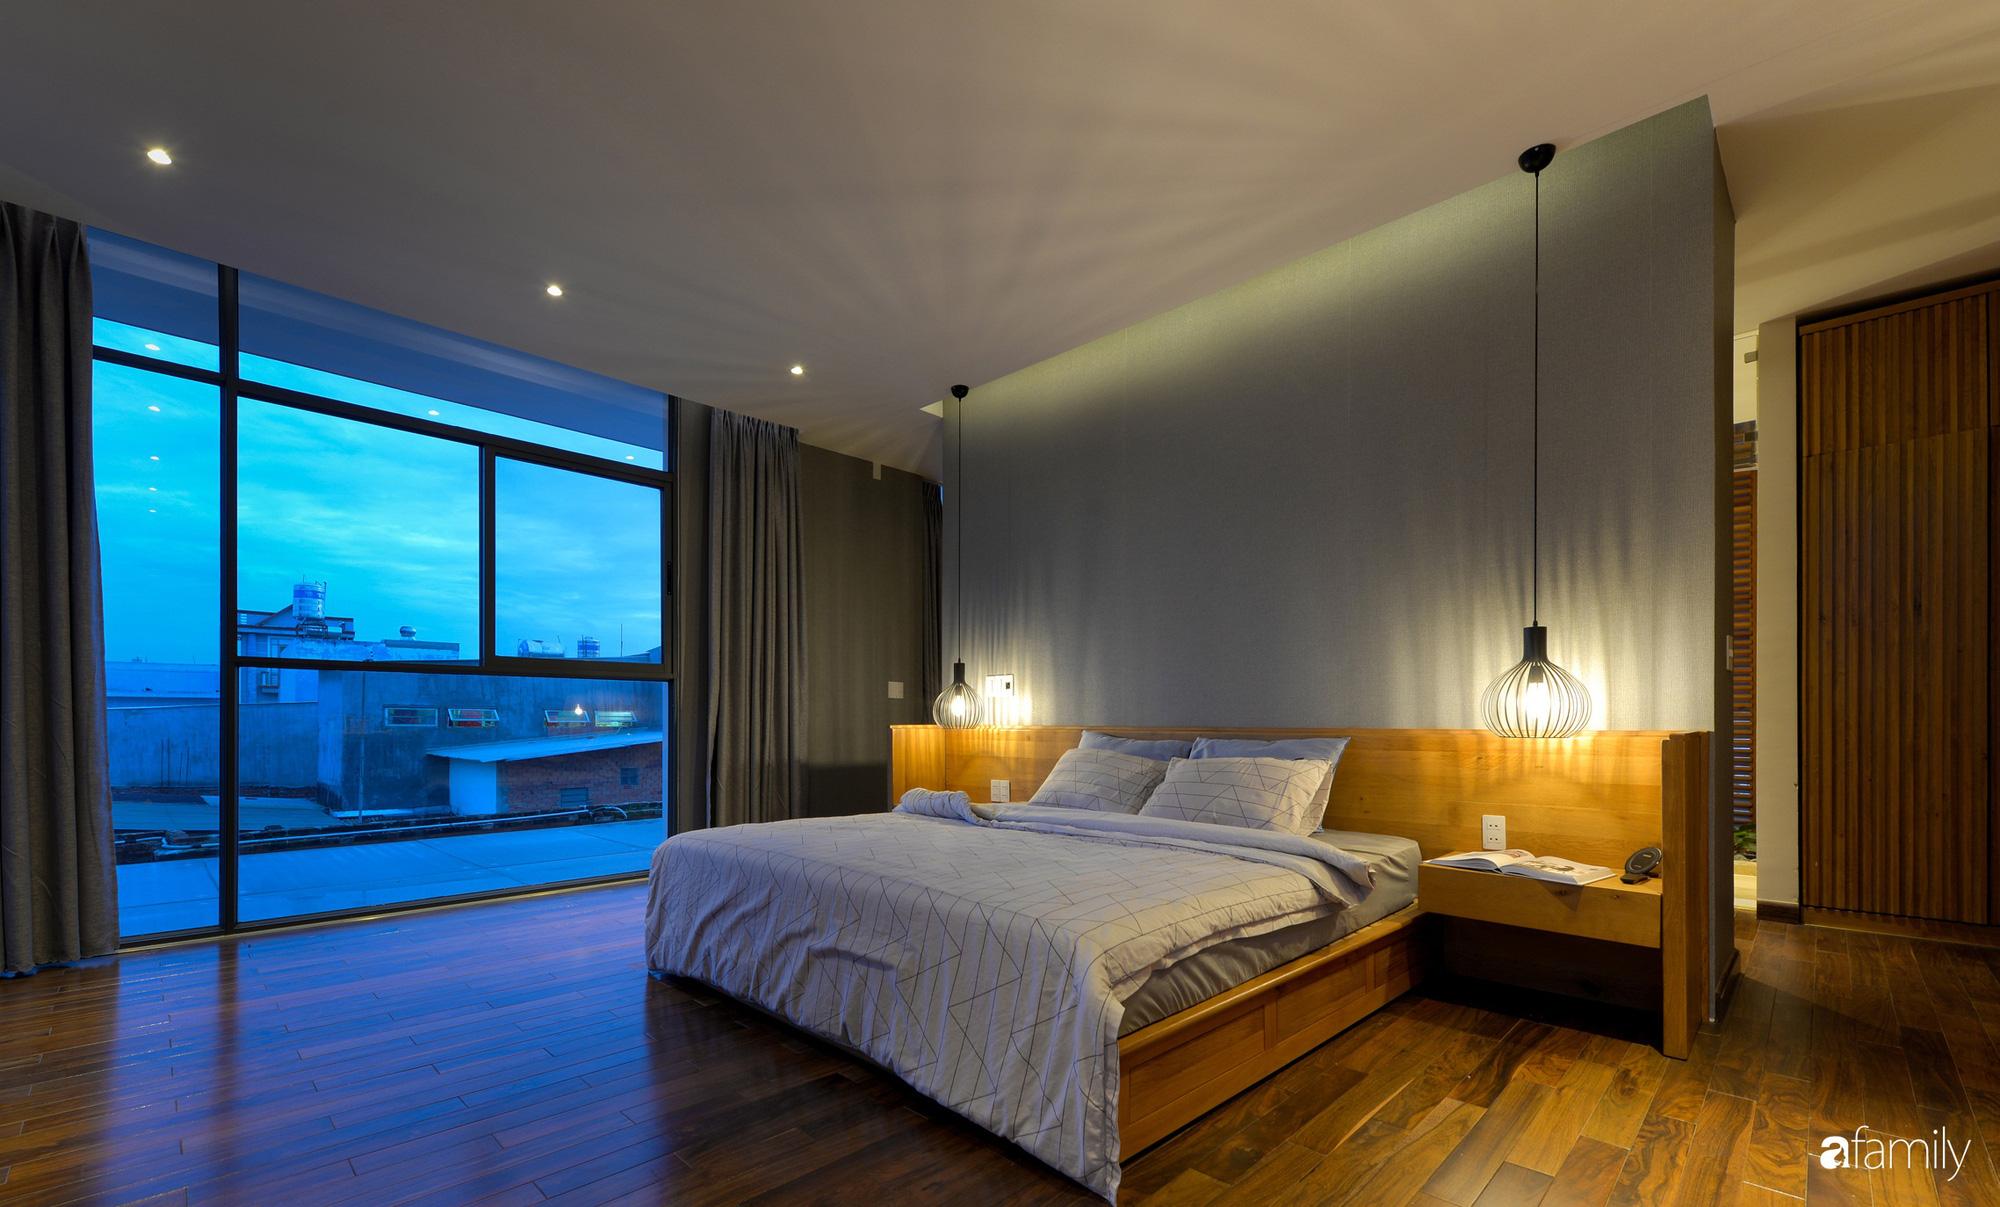 Ngôi nhà rộn ràng sắc màu cây xnh và ánh sáng i ngắm cũng yêu ở TP Biên Hò, Đồng Ni - Ảnh 13.